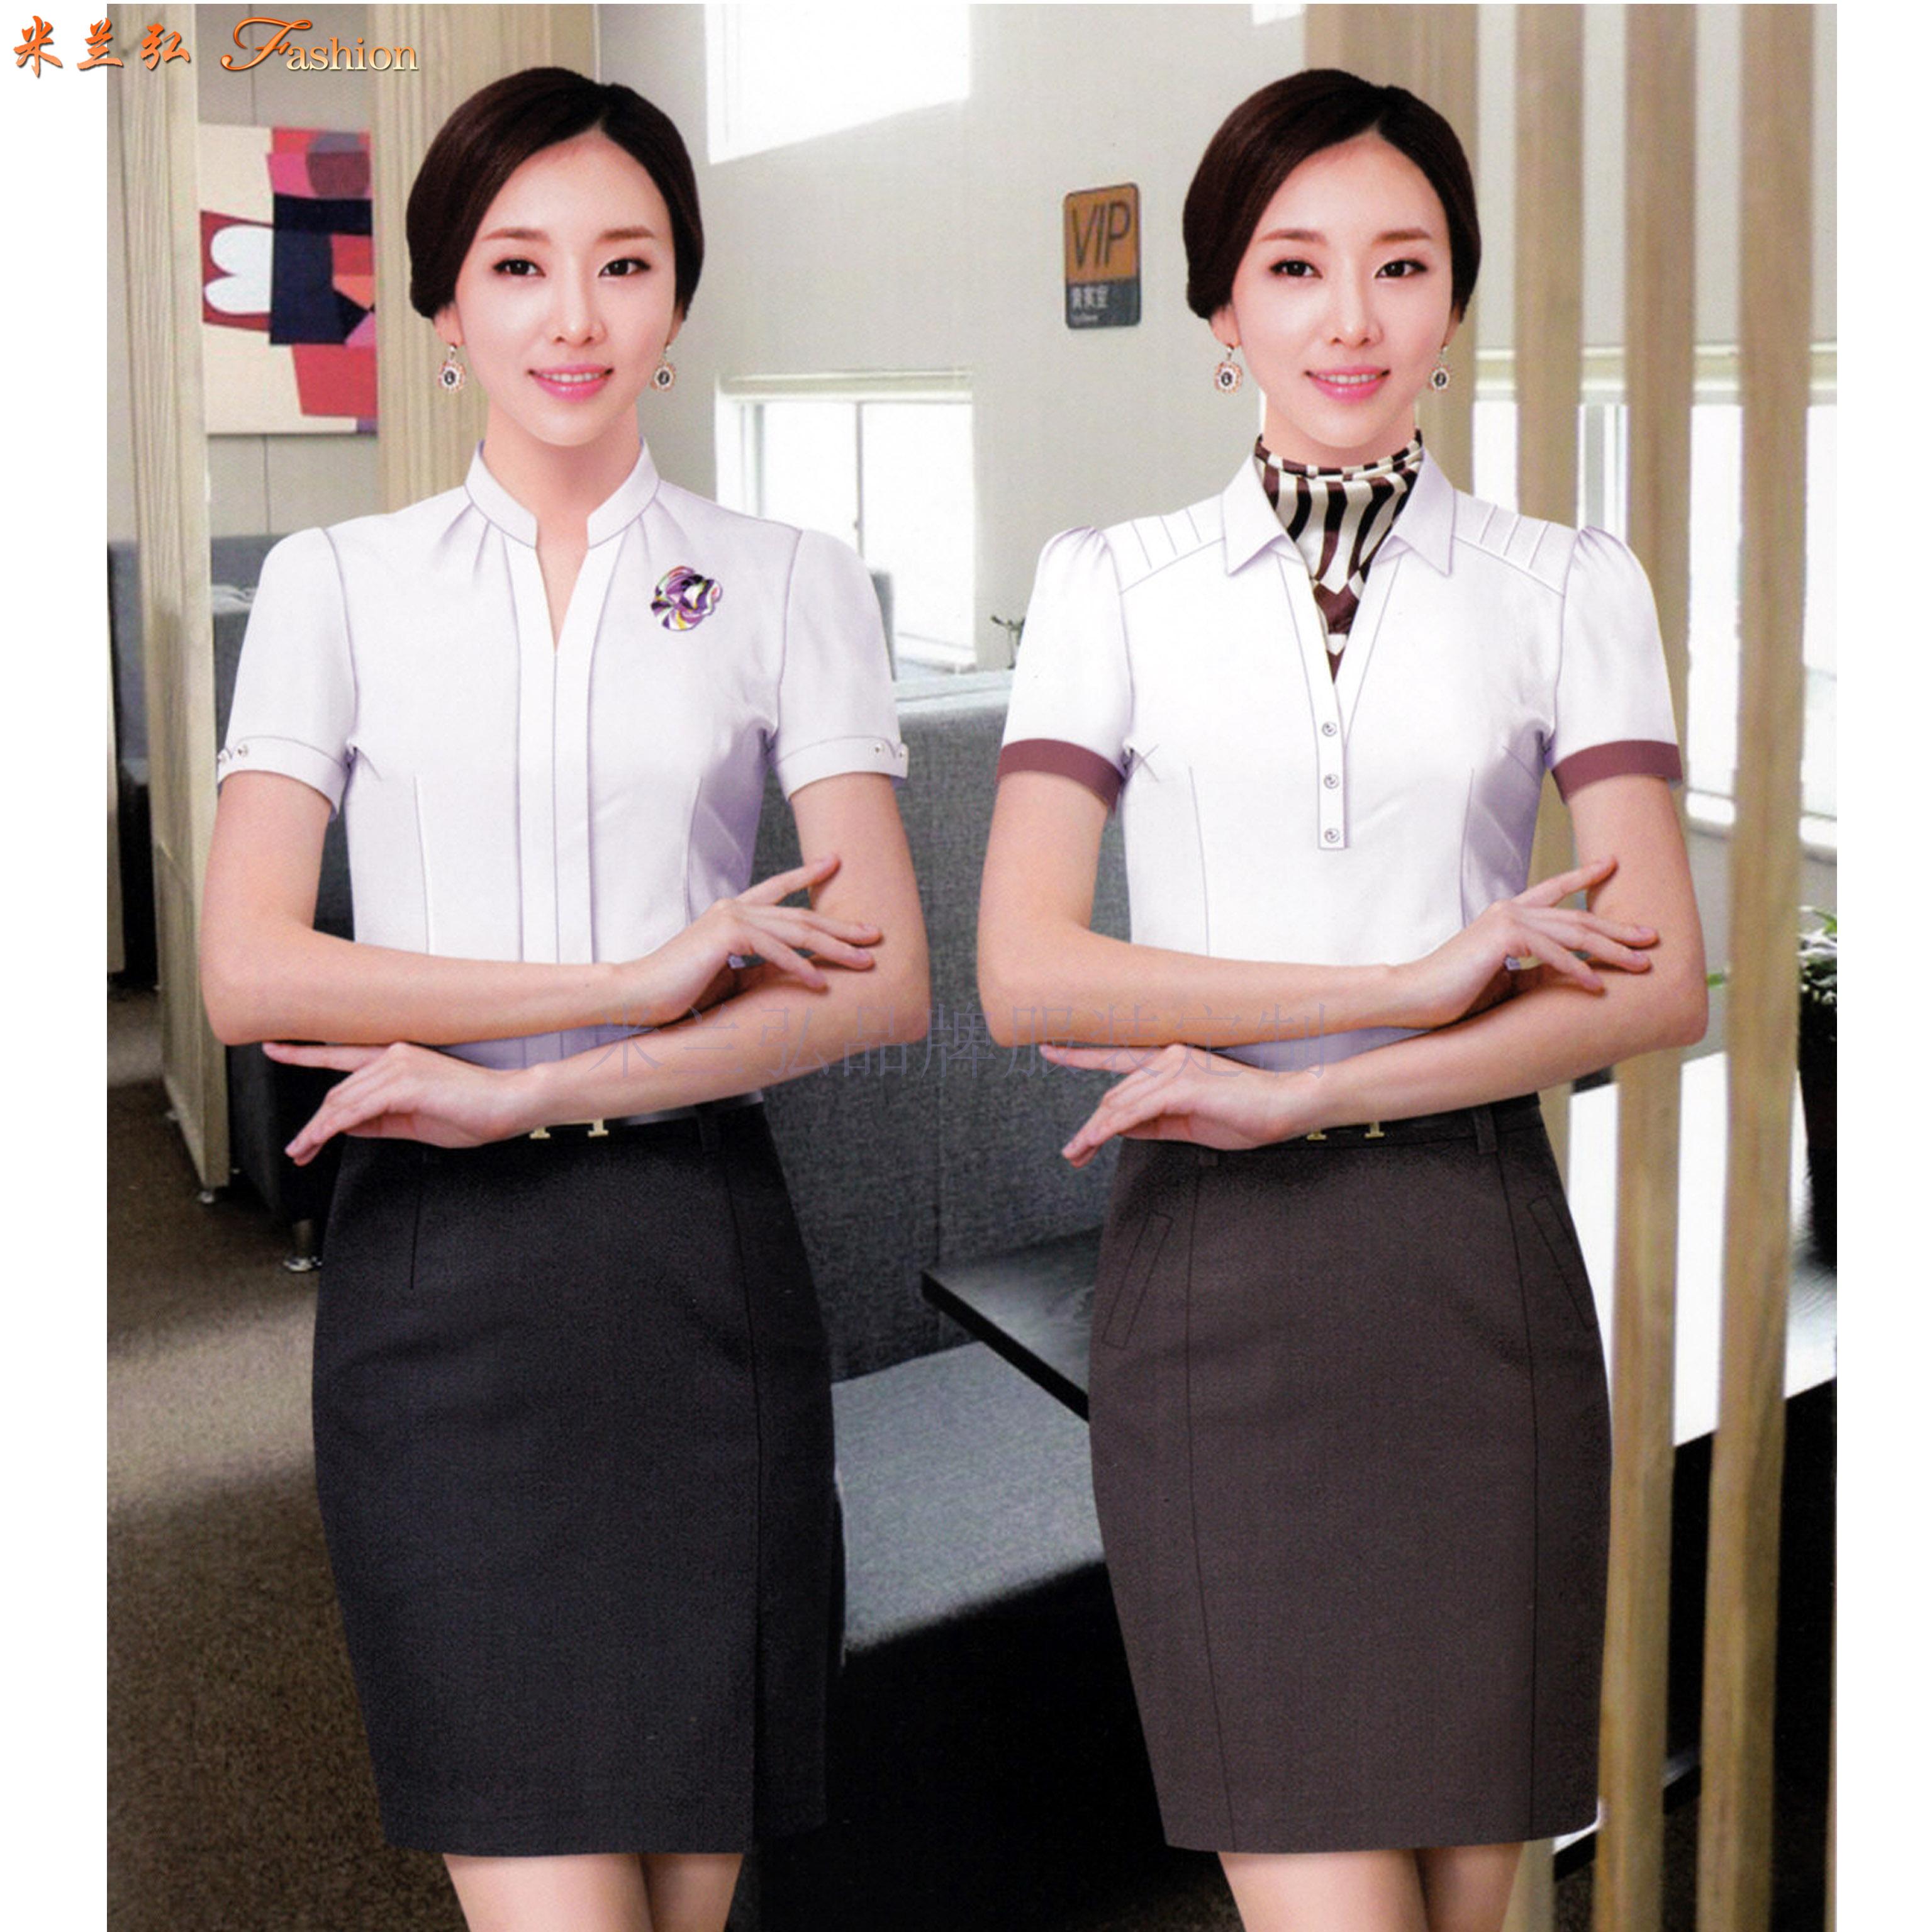 商業銀行襯衫定制_農商銀行襯衫定做品牌-米蘭弘服裝-3